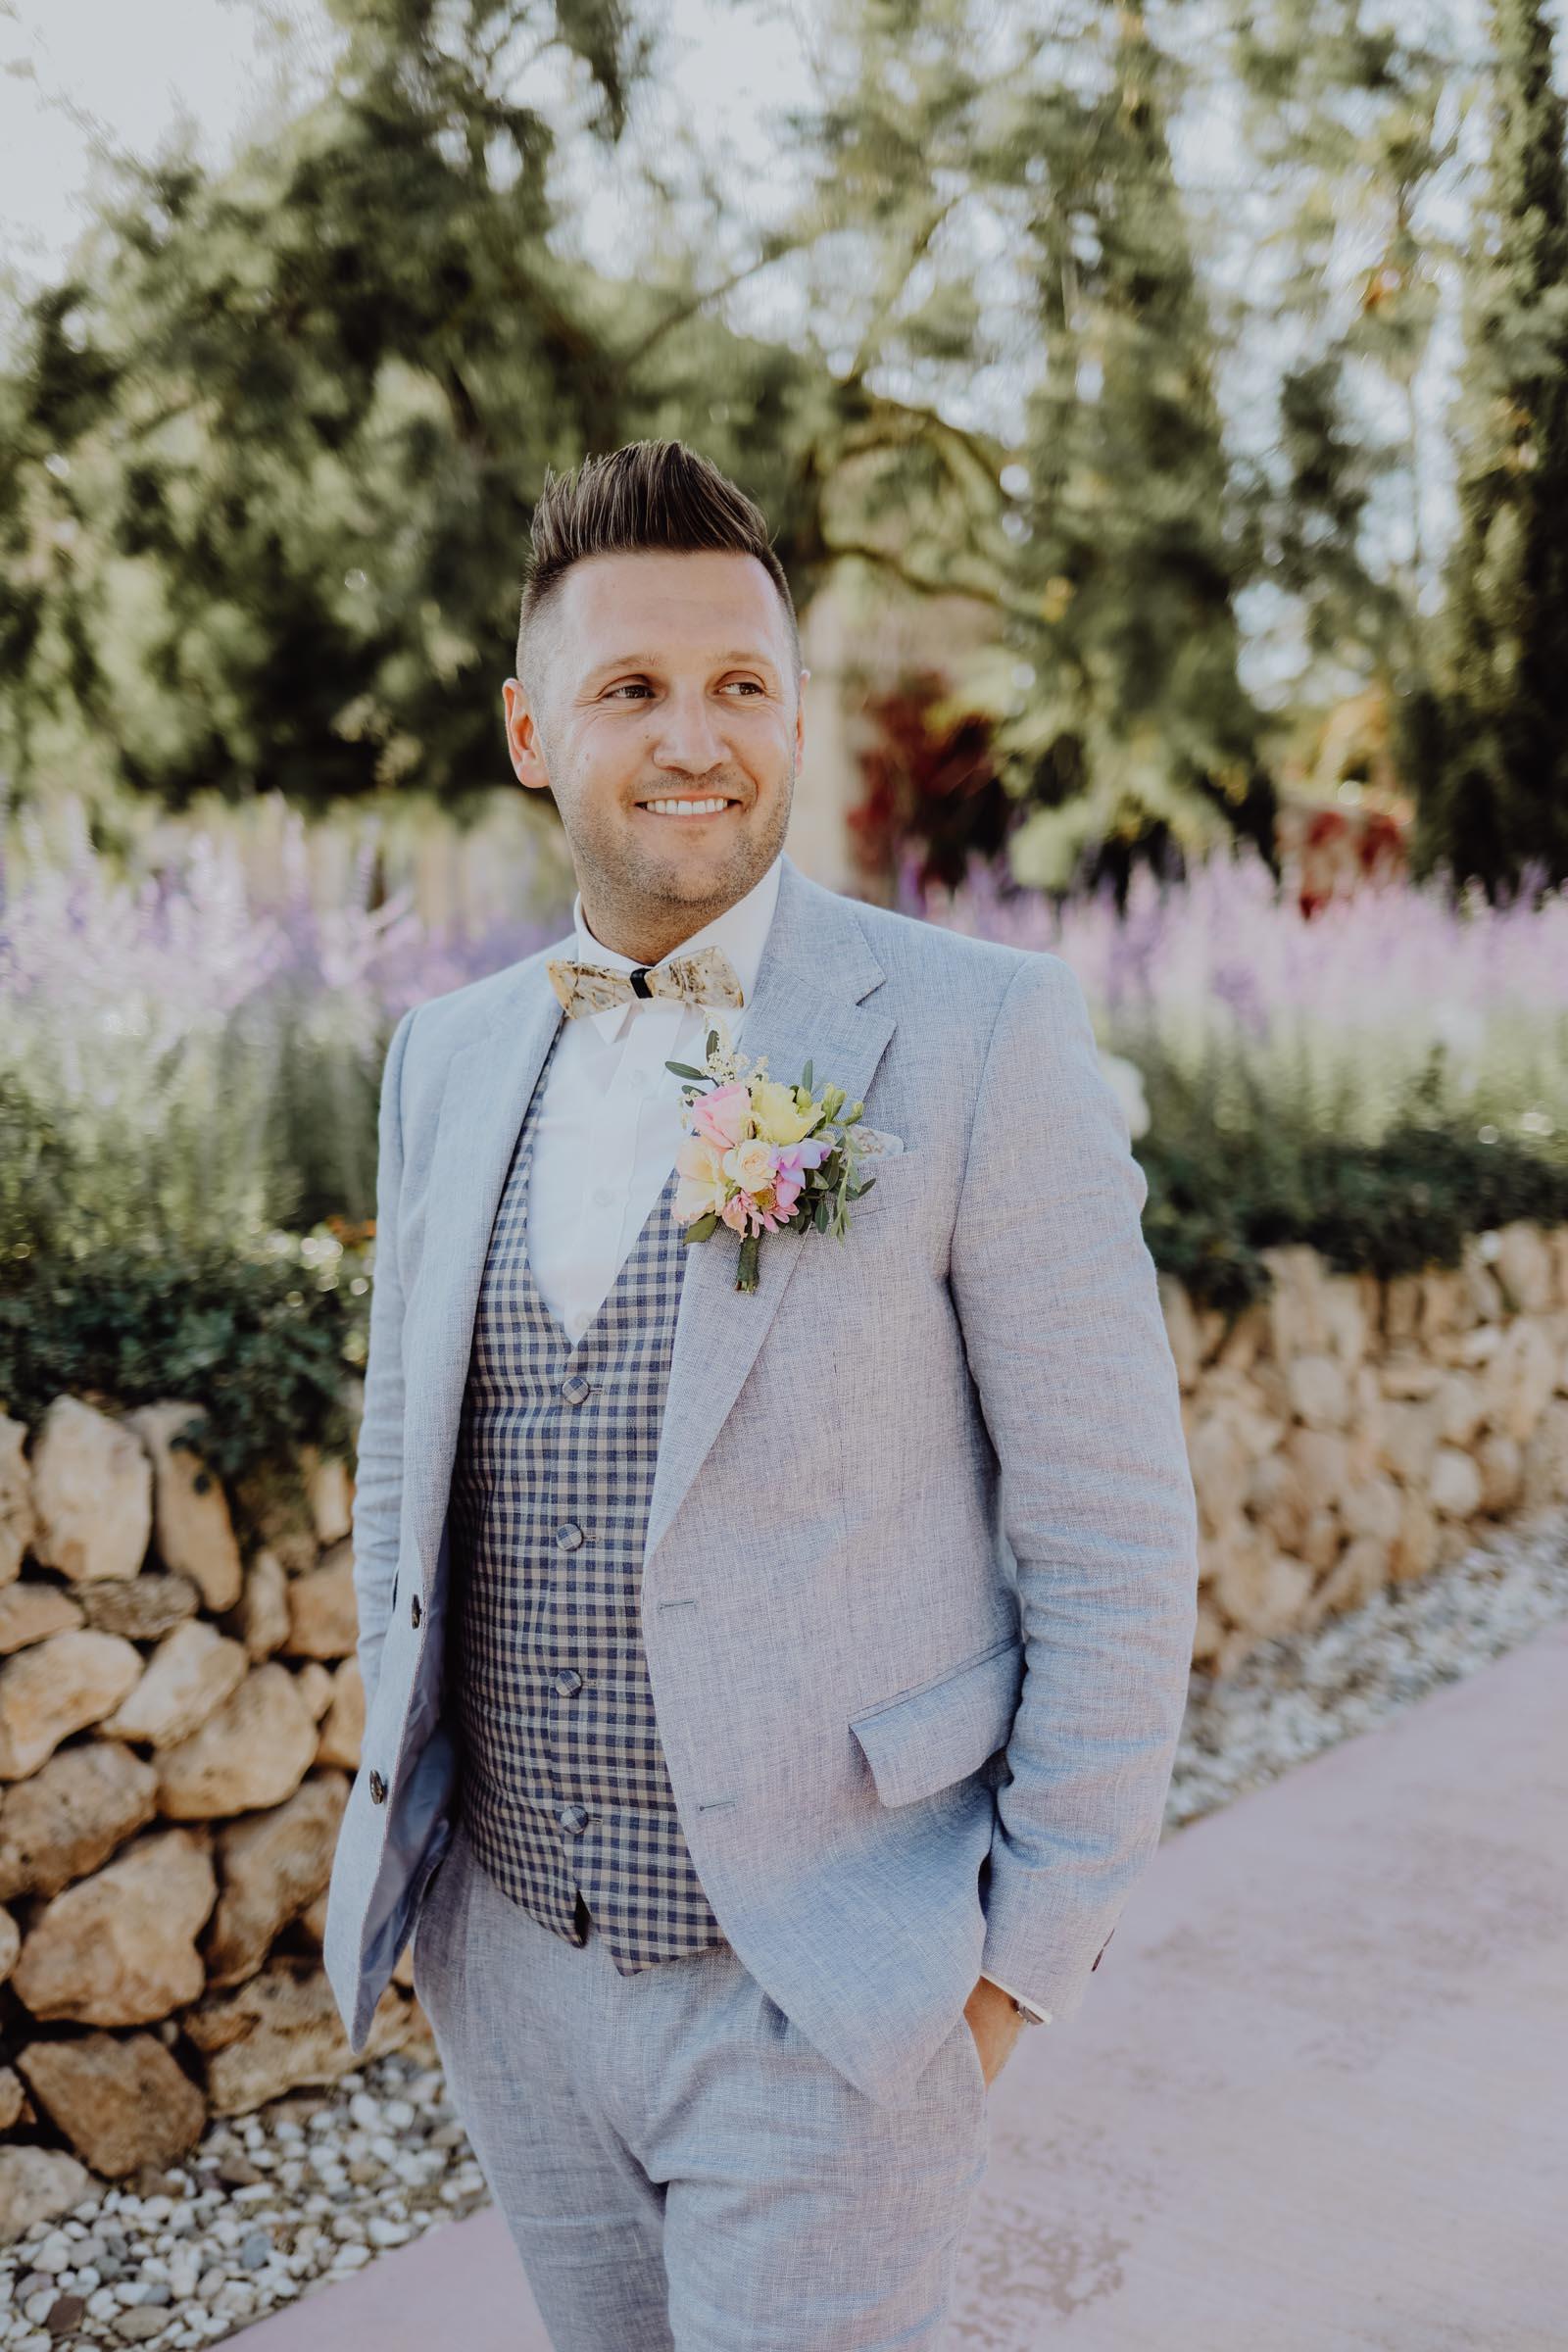 Bräutigam in blauem Anzug mit Blumenanstecker